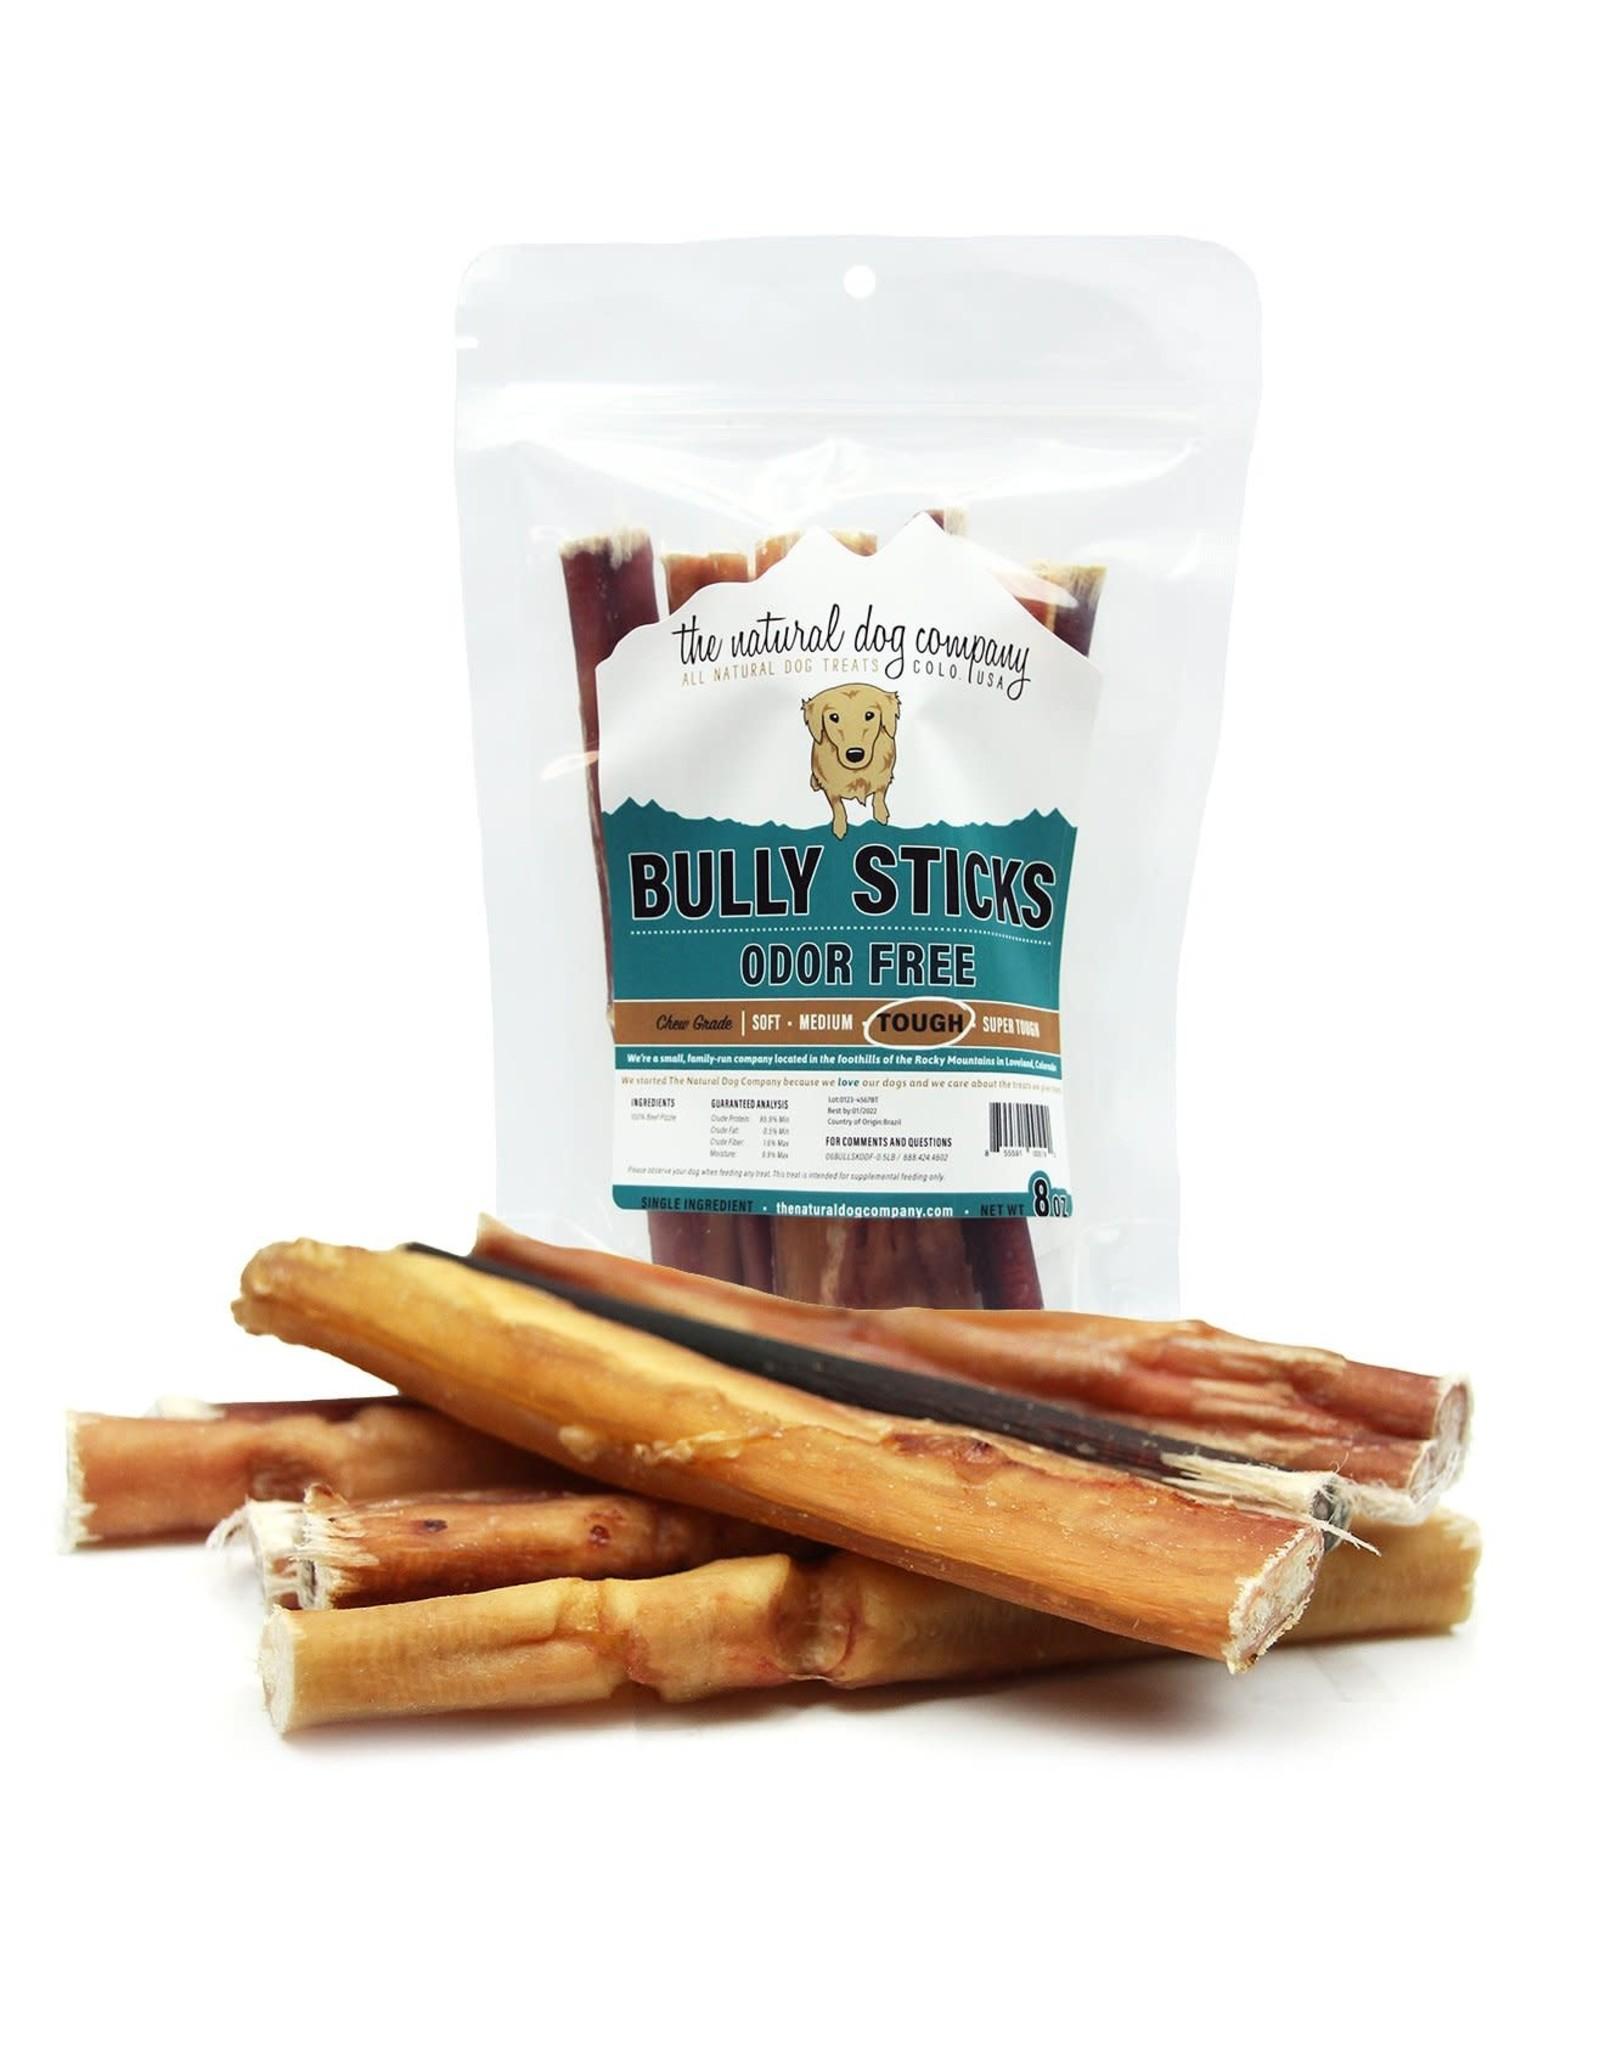 6in Standard Bully Sticks - Odor Free